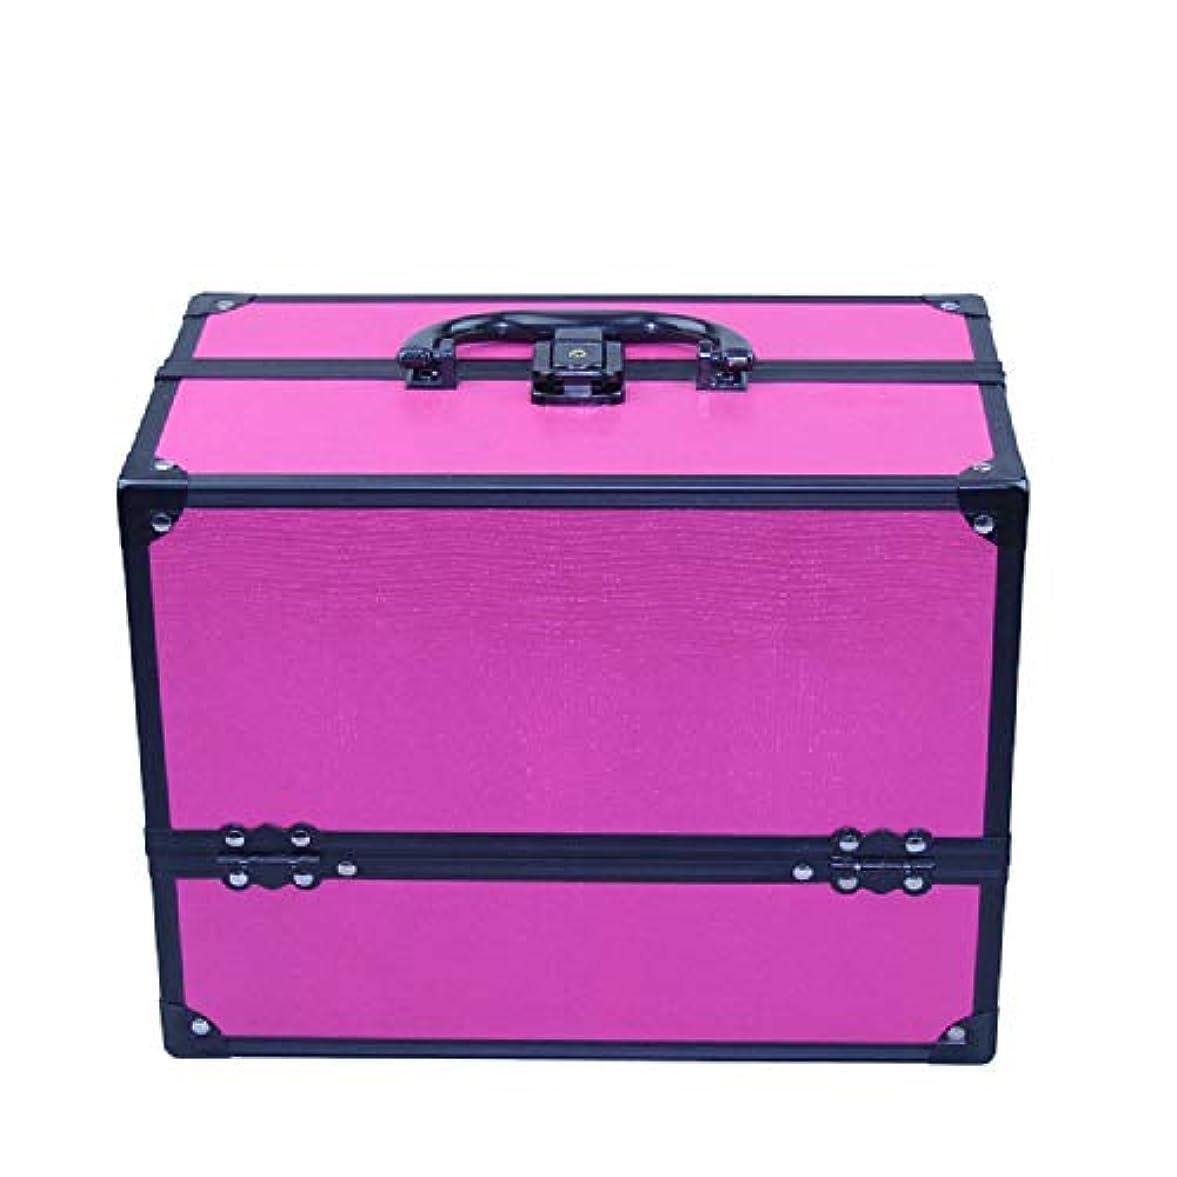 挑発する小さい虐殺化粧オーガナイザーバッグ 純粋な色のポータブル化粧品ケーストラベルアクセサリーシャンプーボディウォッシュパーソナルアイテムストレージロックとスライディングトレイ 化粧品ケース